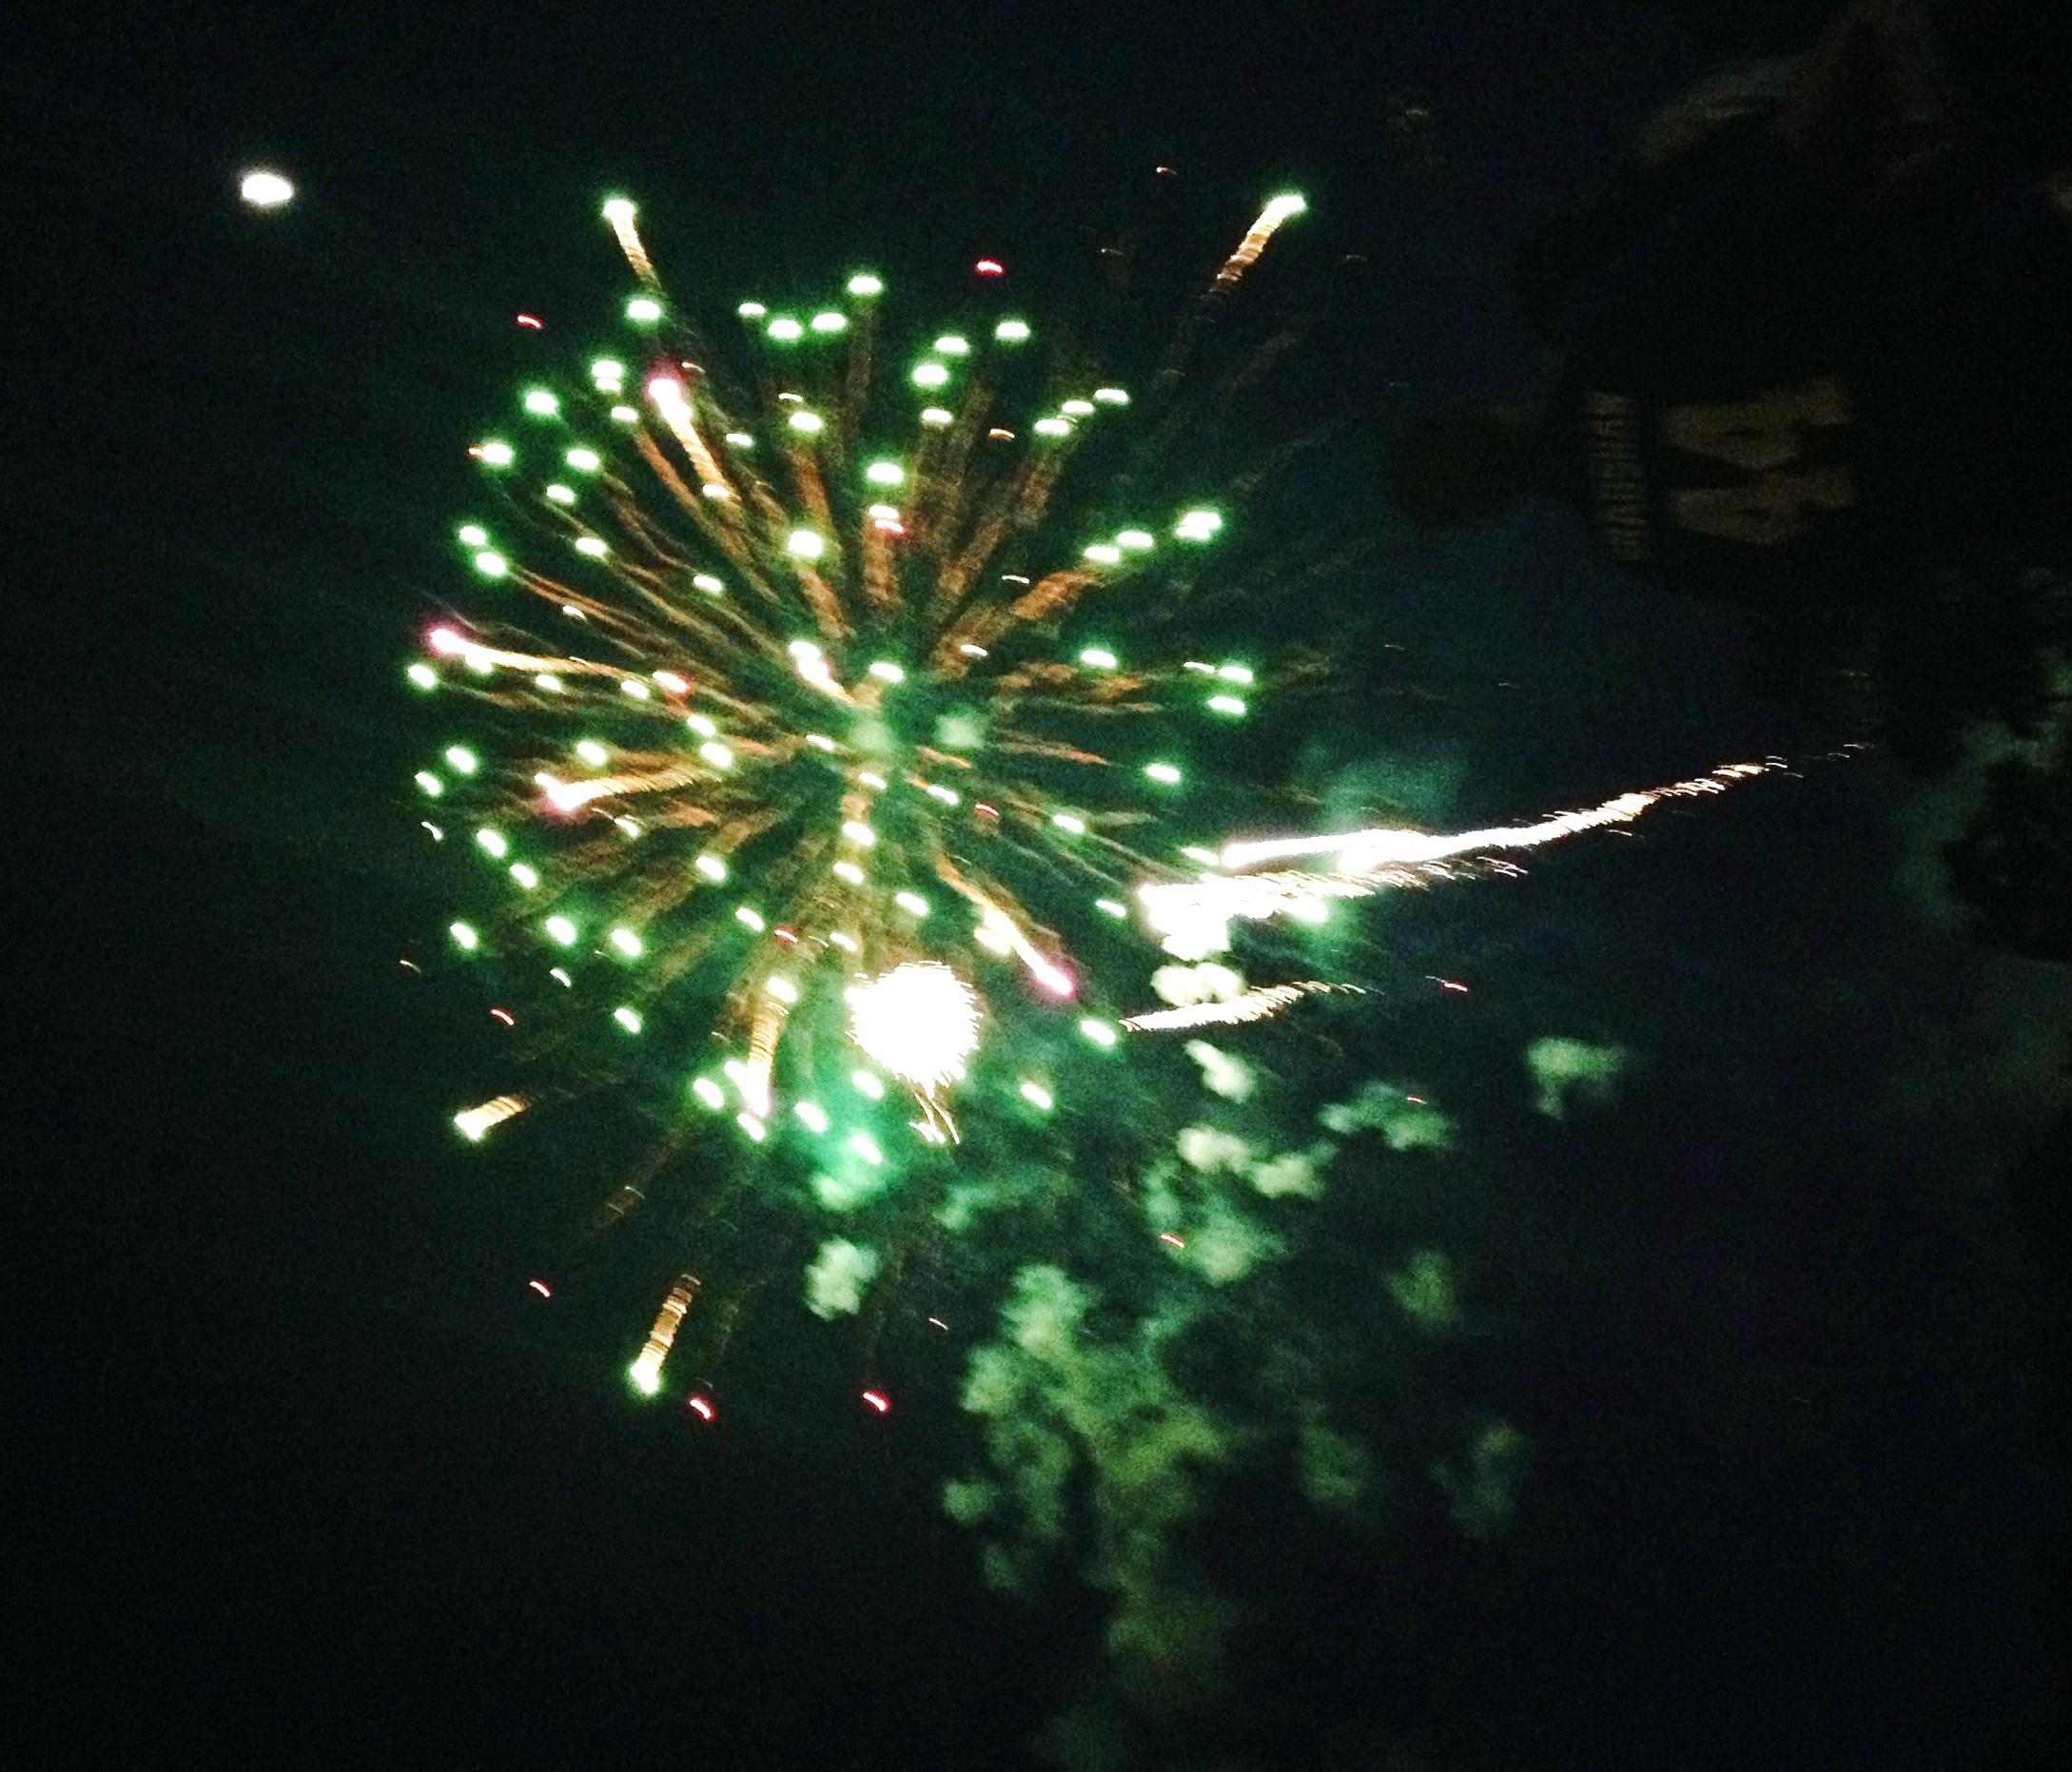 d49a998f3e5d73e4777f_firework.jpg